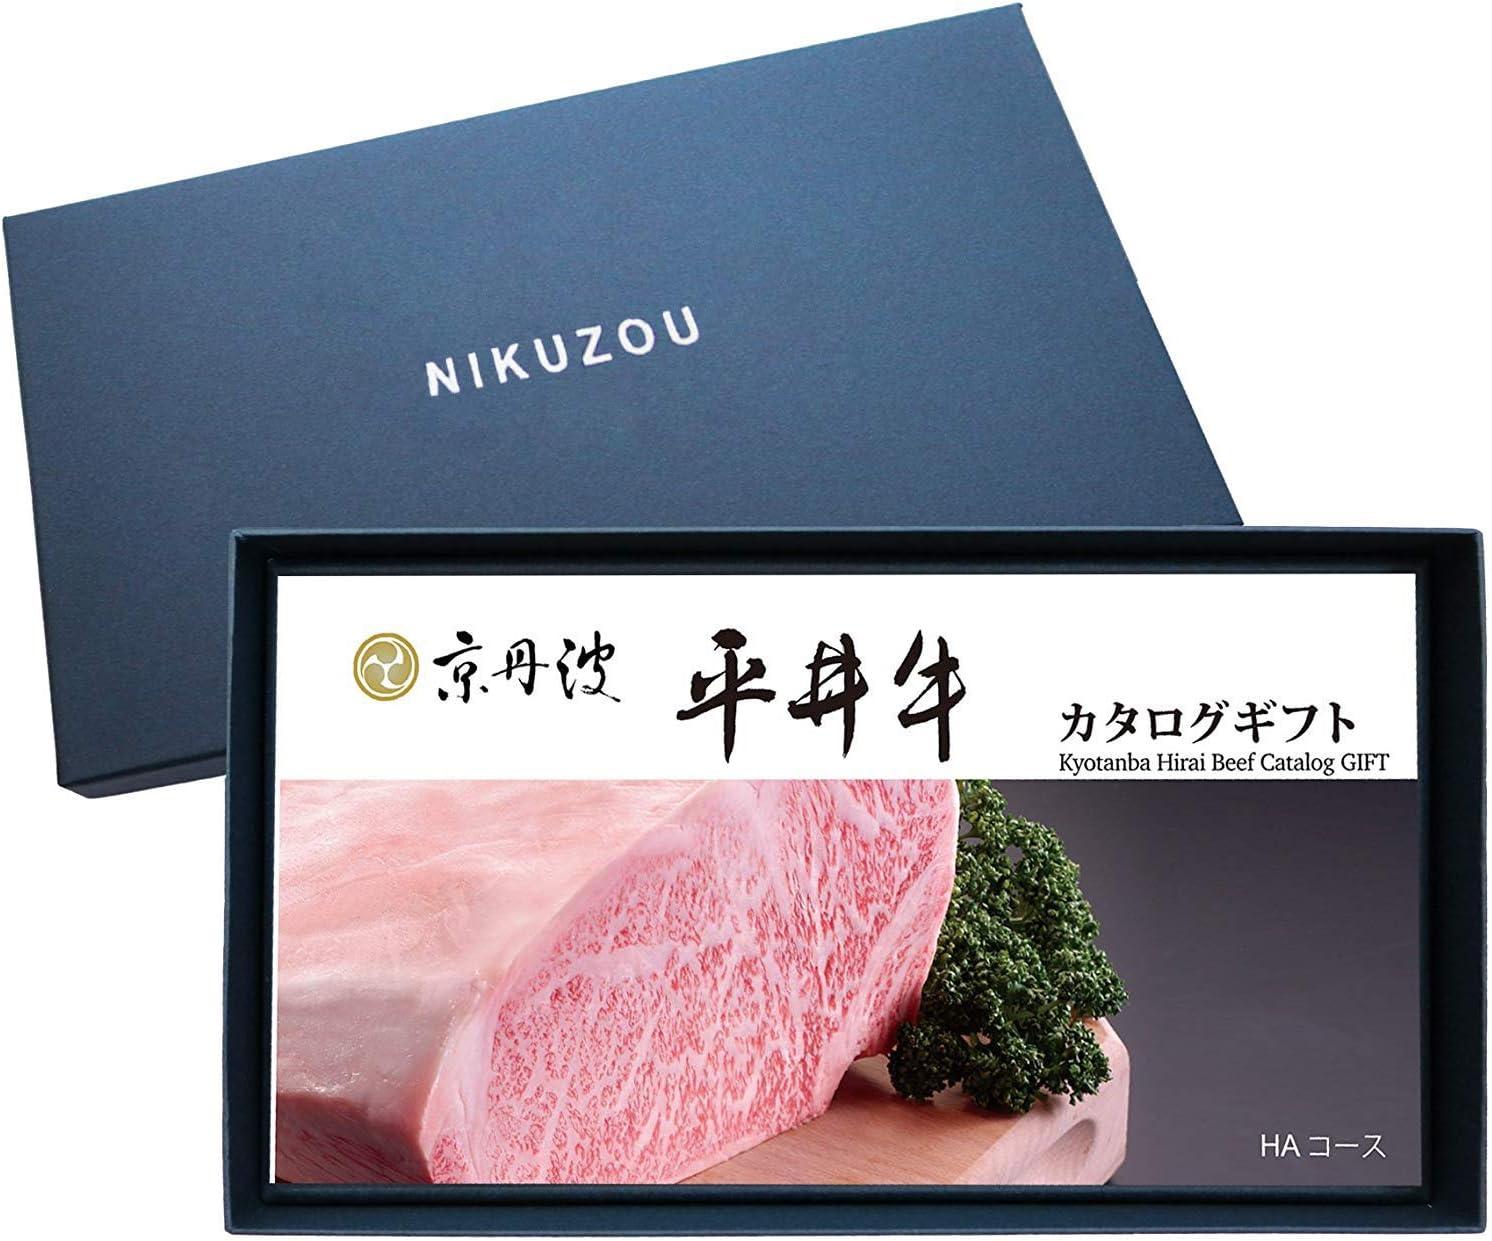 贈答用 京丹波平井牛 肉 カタログギフト Amazon